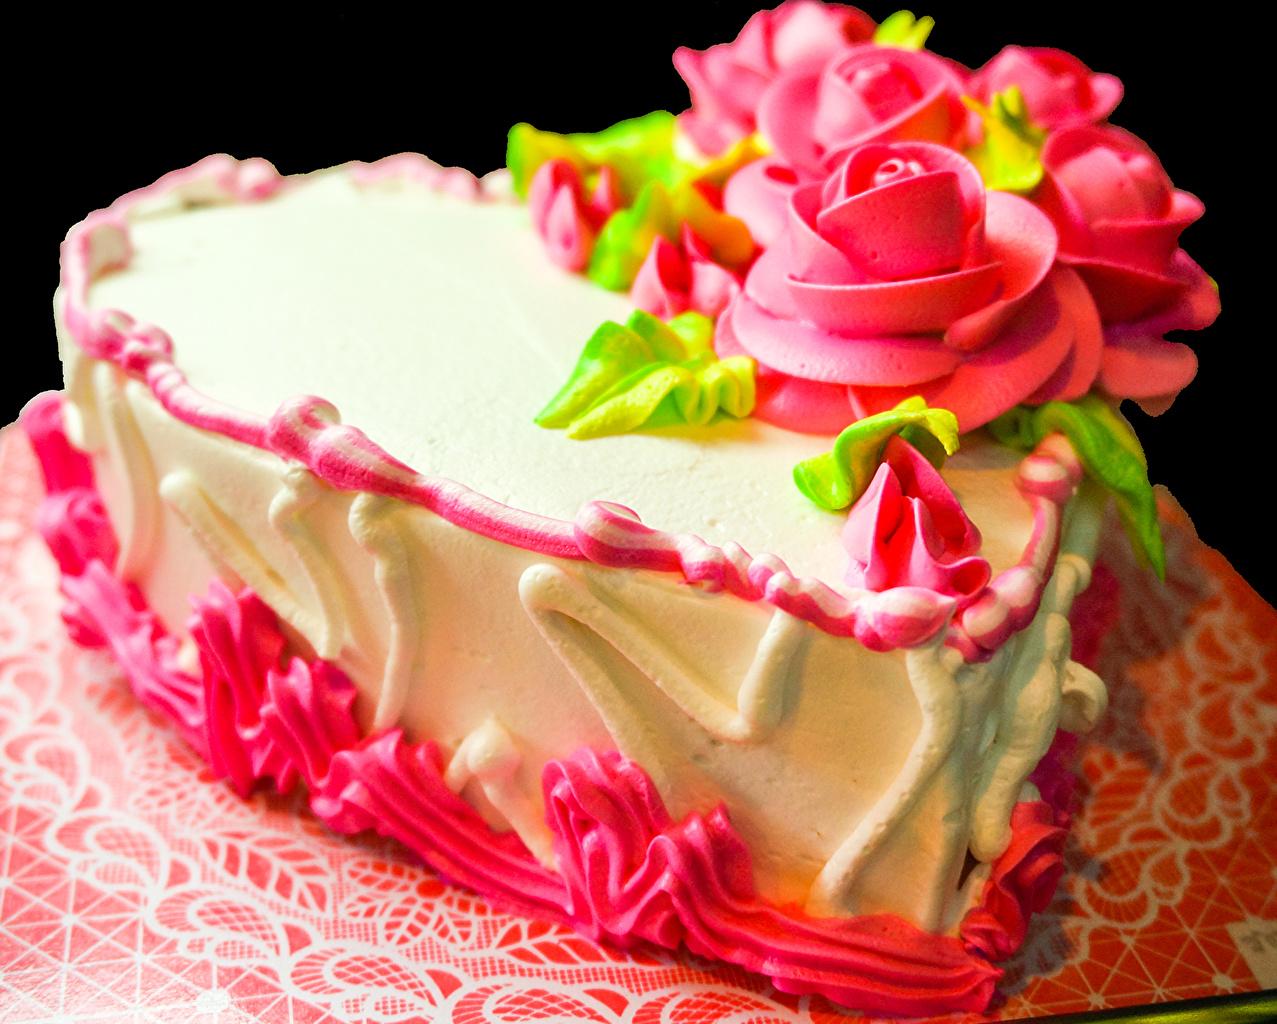 Фотография Розы Торты Продукты питания сладкая еда дизайна роза Еда Пища Сладости Дизайн